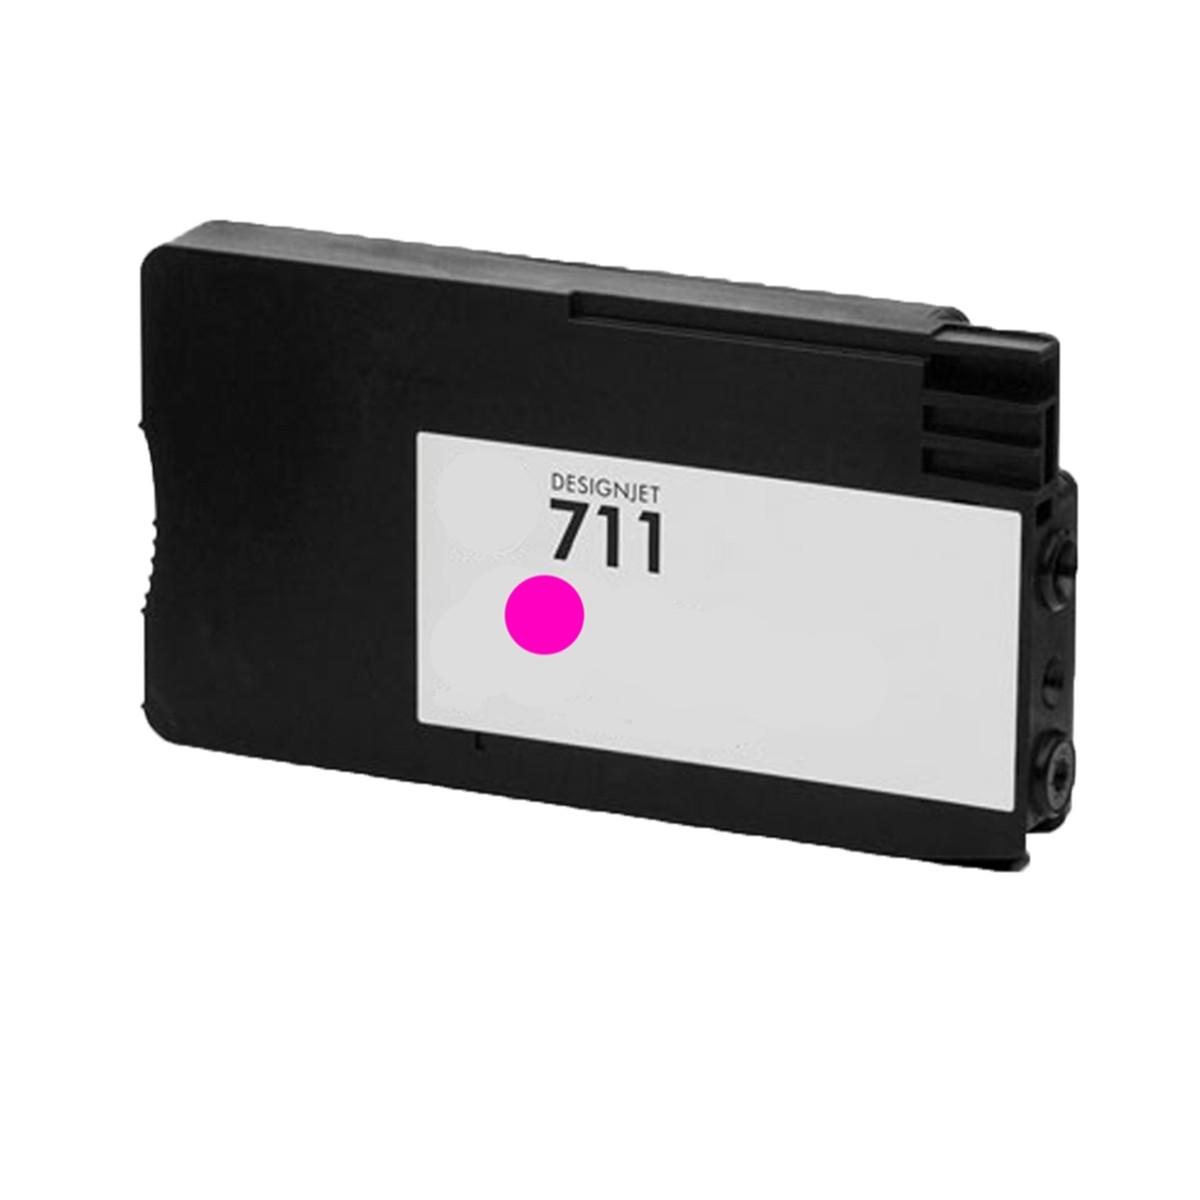 Cartucho de Tinta Compatível com HP 711 Magenta CZ131A | T520 T120 CQ890A CQ891A CQ893A | 28ml